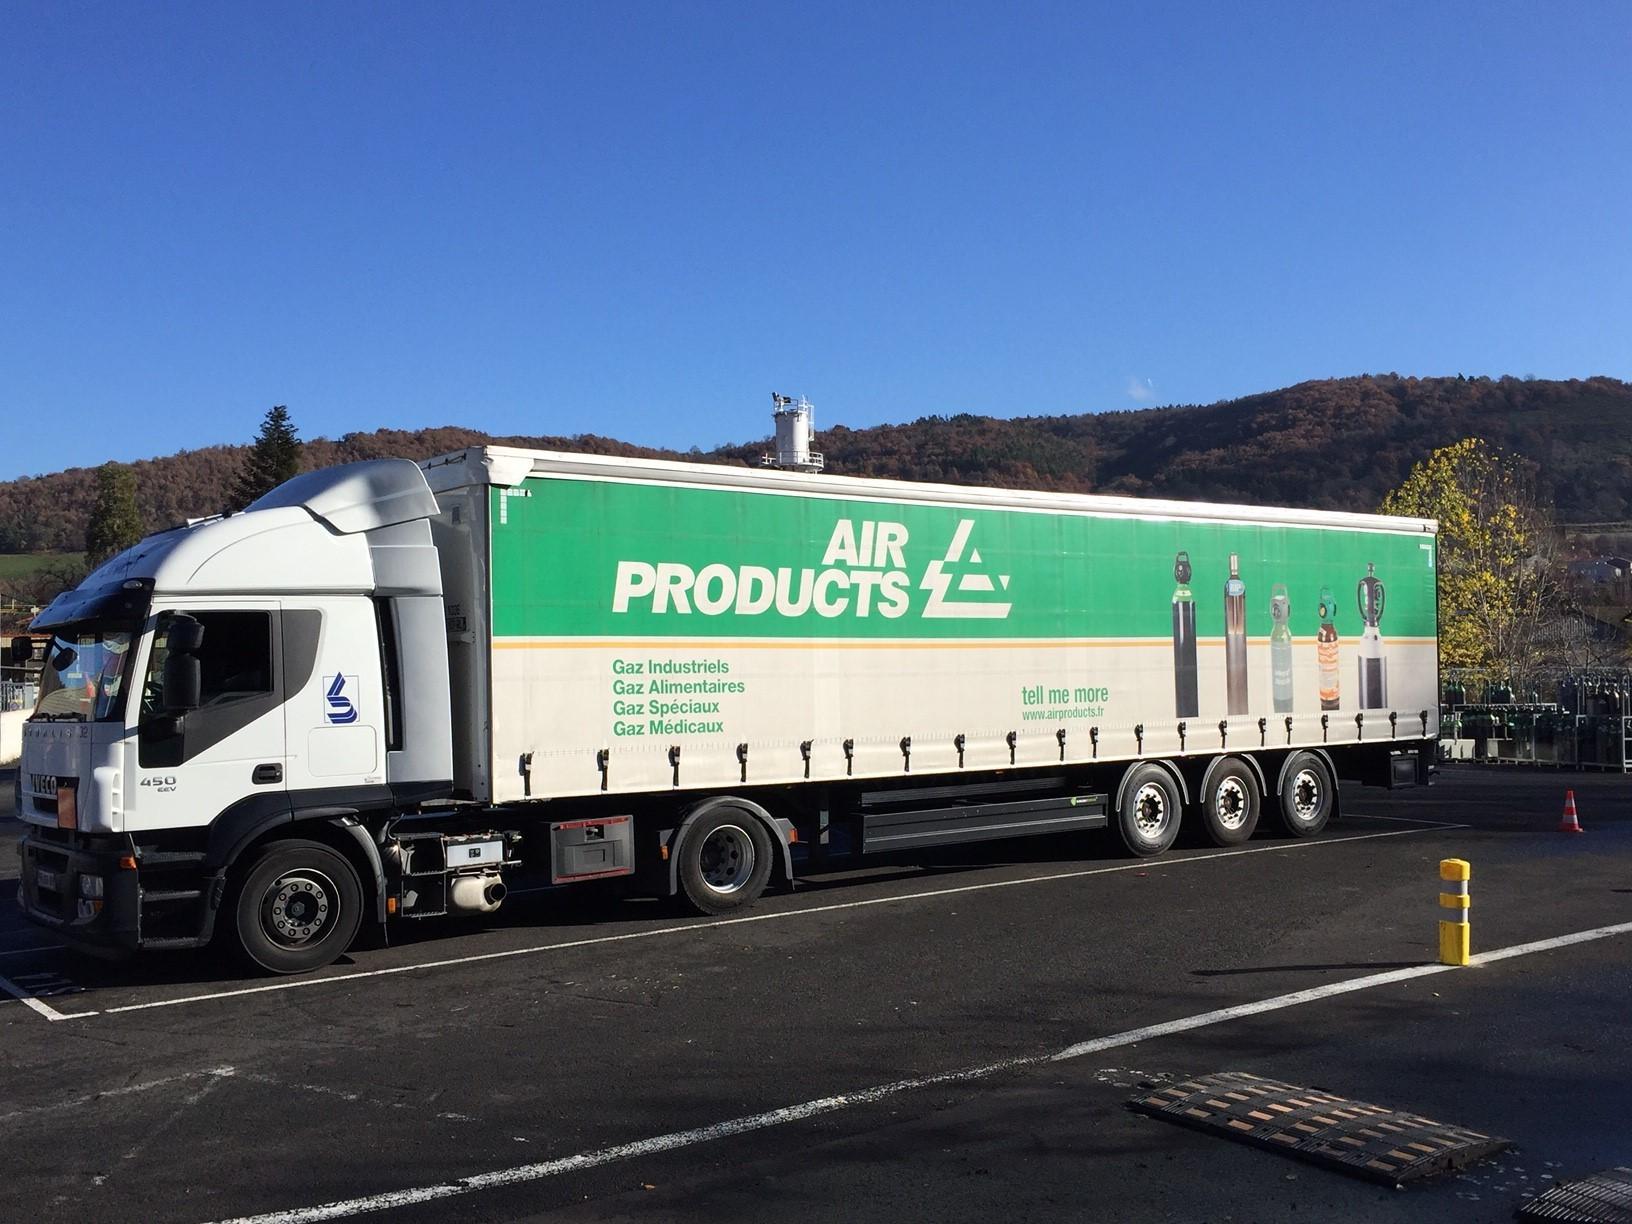 AFGC Le Transport Des Gaz